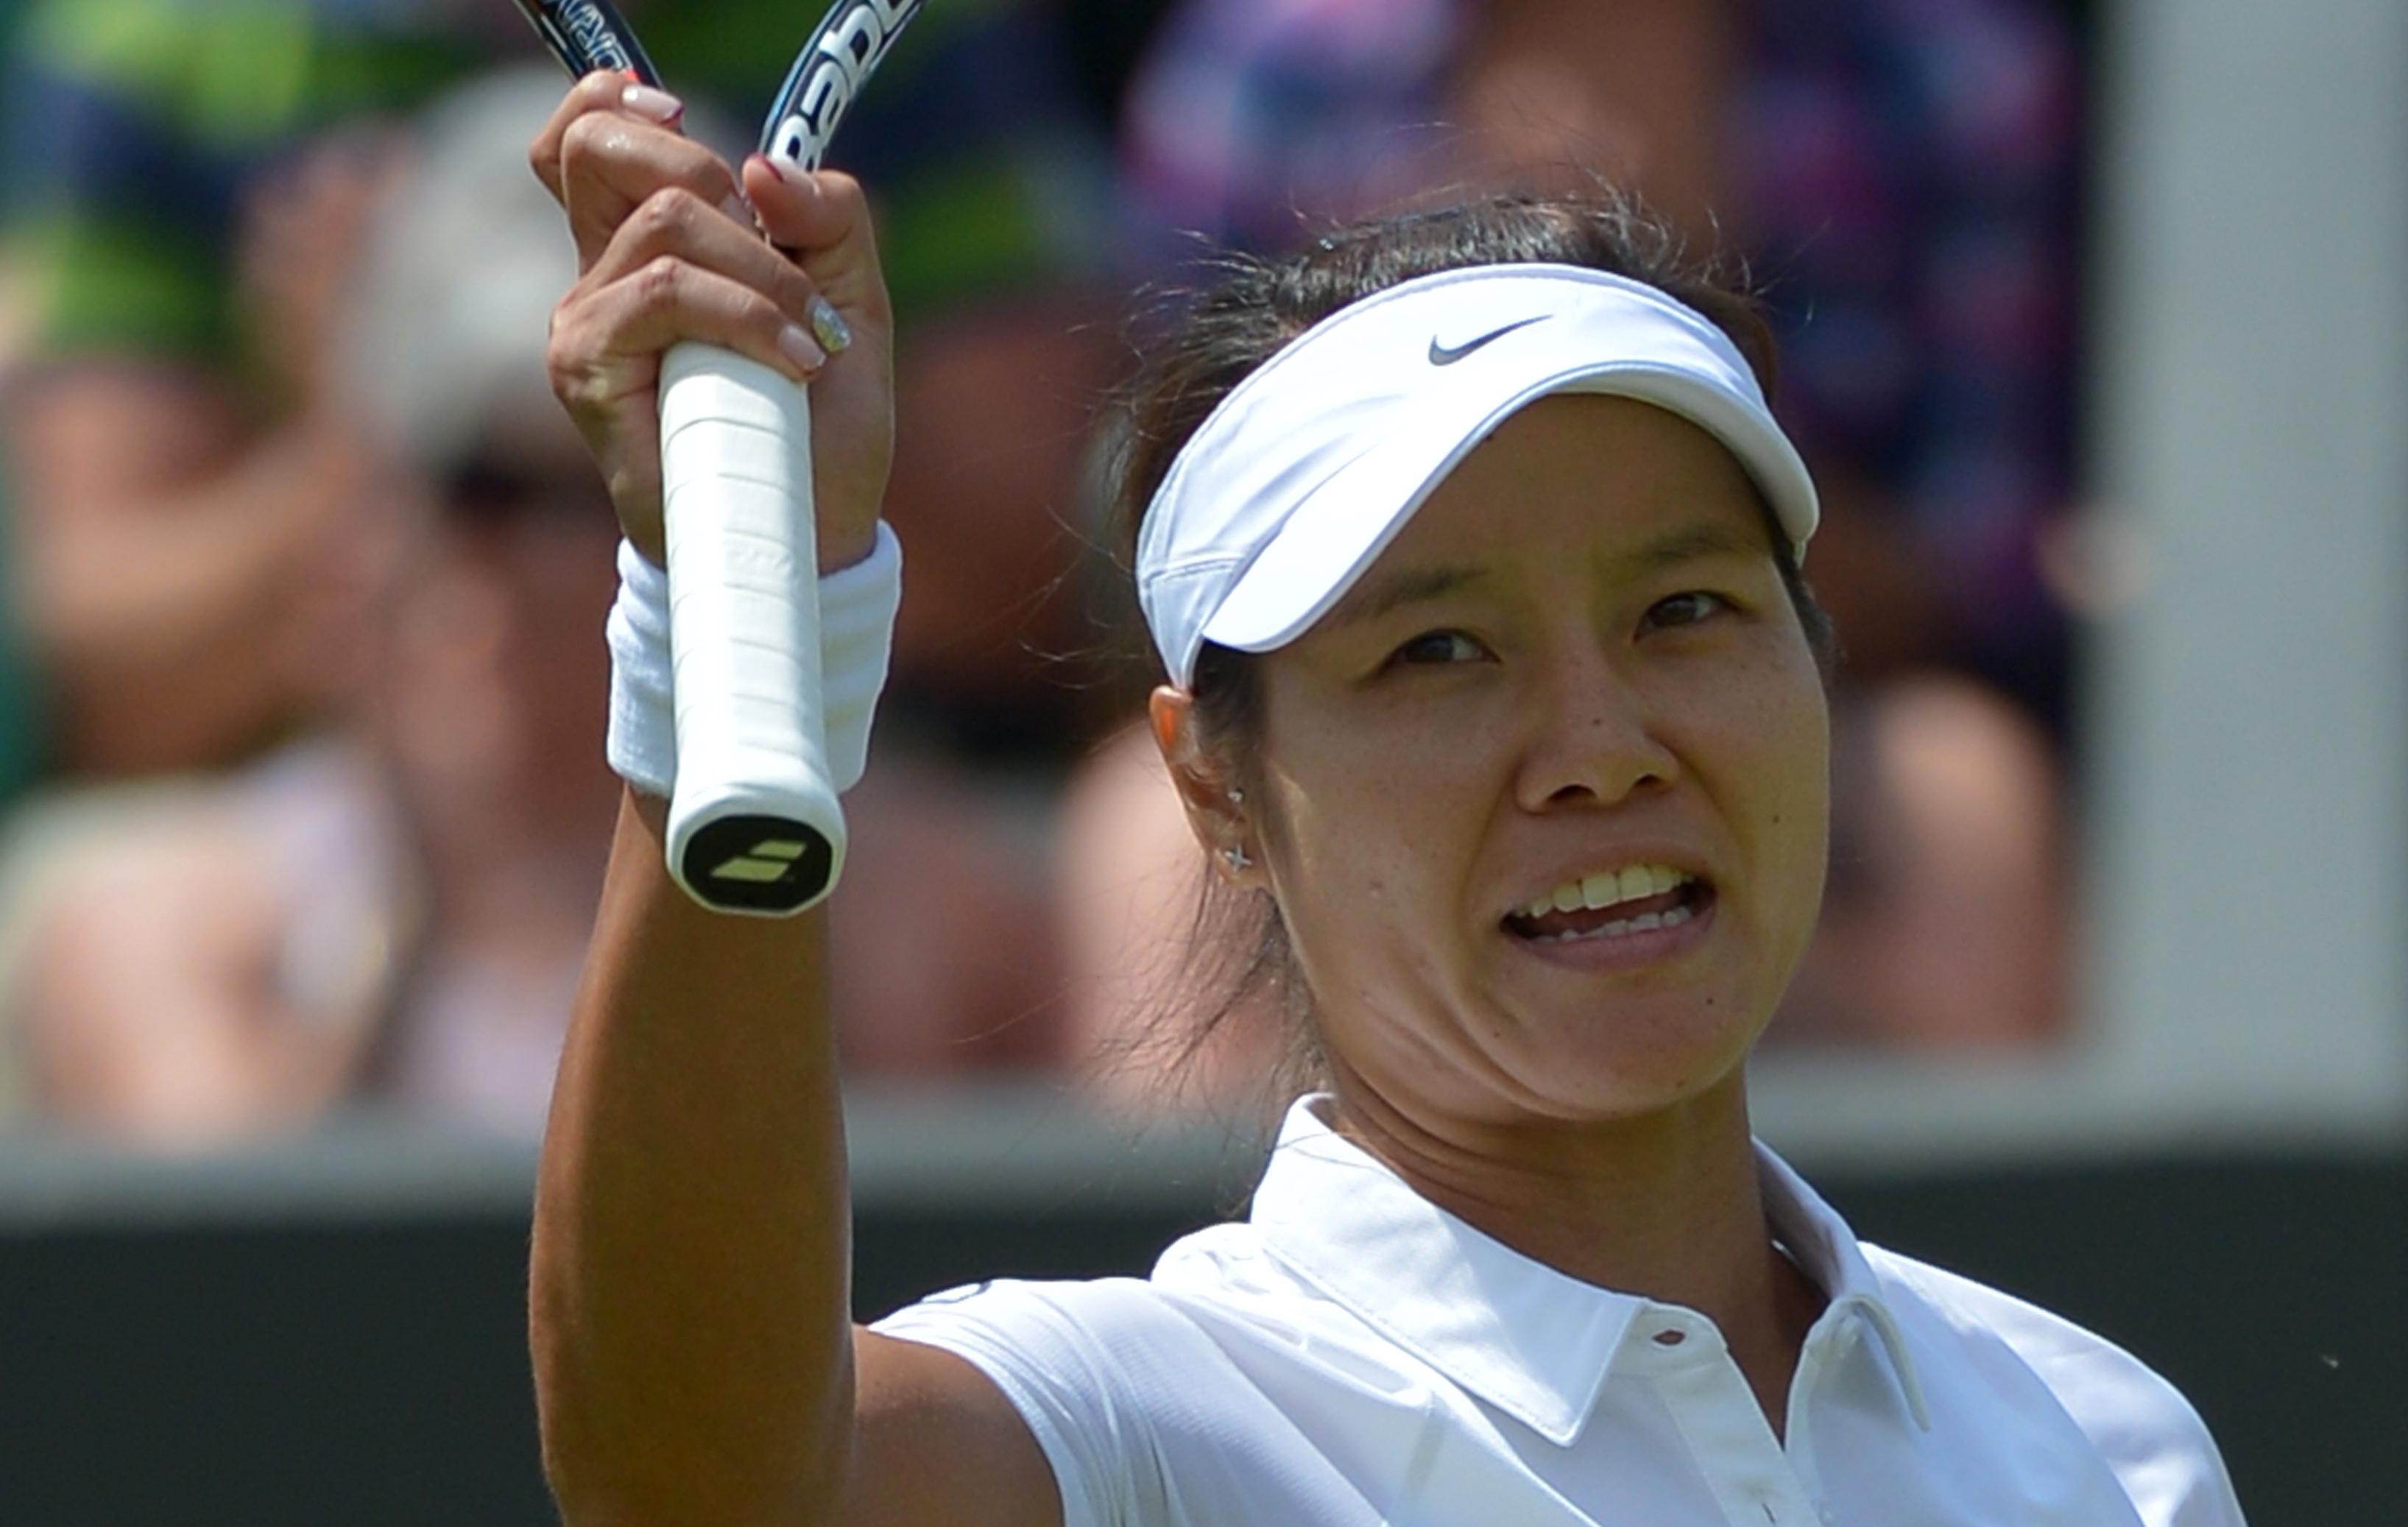 Tennis : WTA - Na Li tire sa r�v�rence